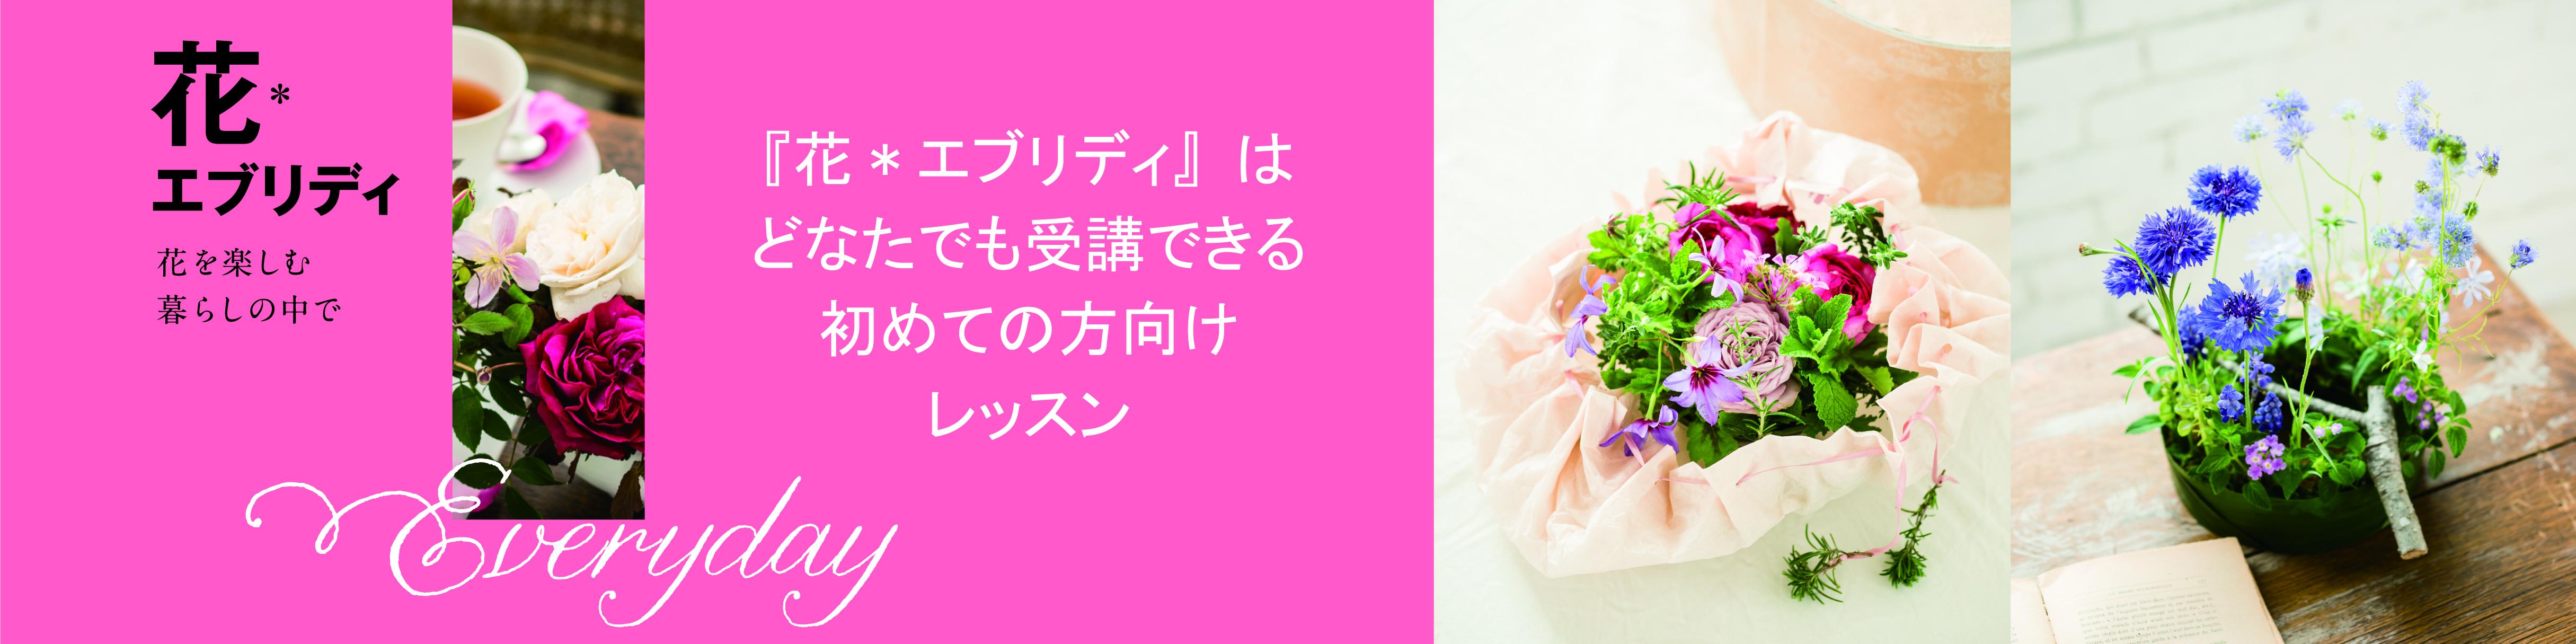 花エブリディ